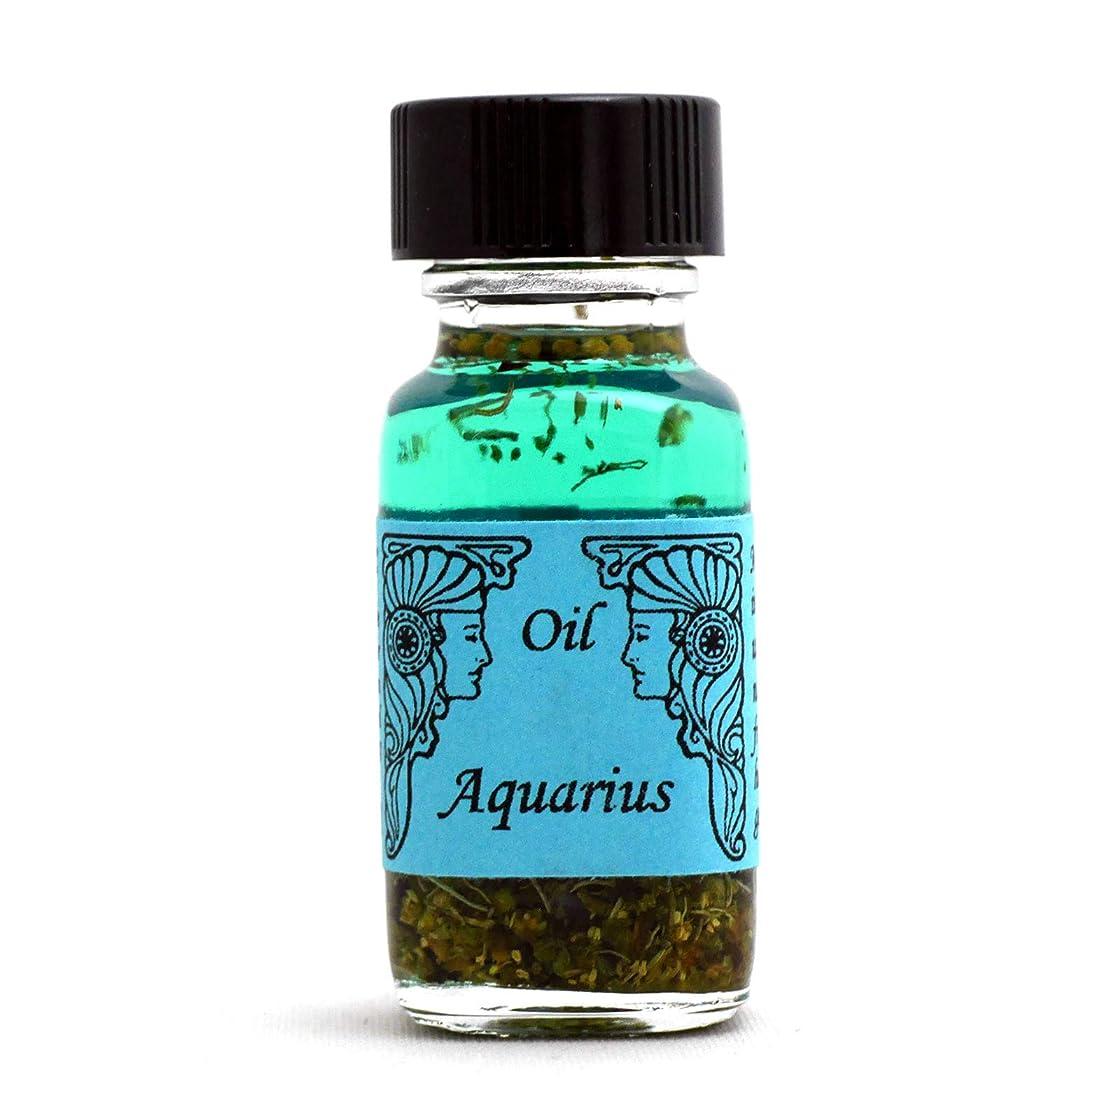 物足りない選出するどこでもアンシェントメモリーオイル 12星座オイル(占星術オイル)Aquarius 水瓶座 1月20日~2月18日